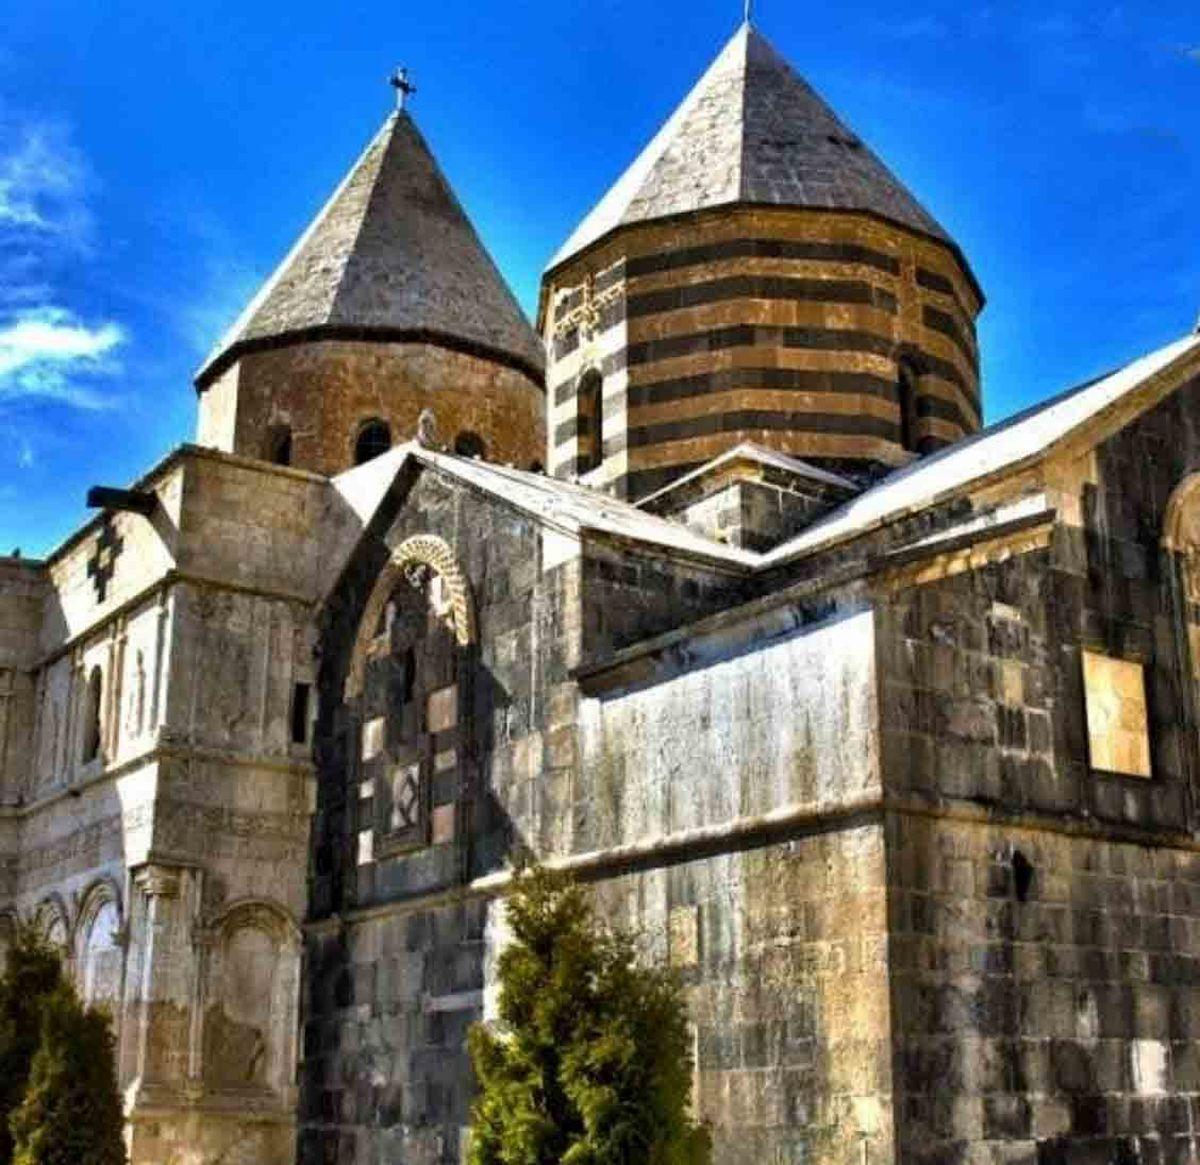 تصویر کلیسای سیاه مقبره یکی از حواریون در آذربایجان غربی